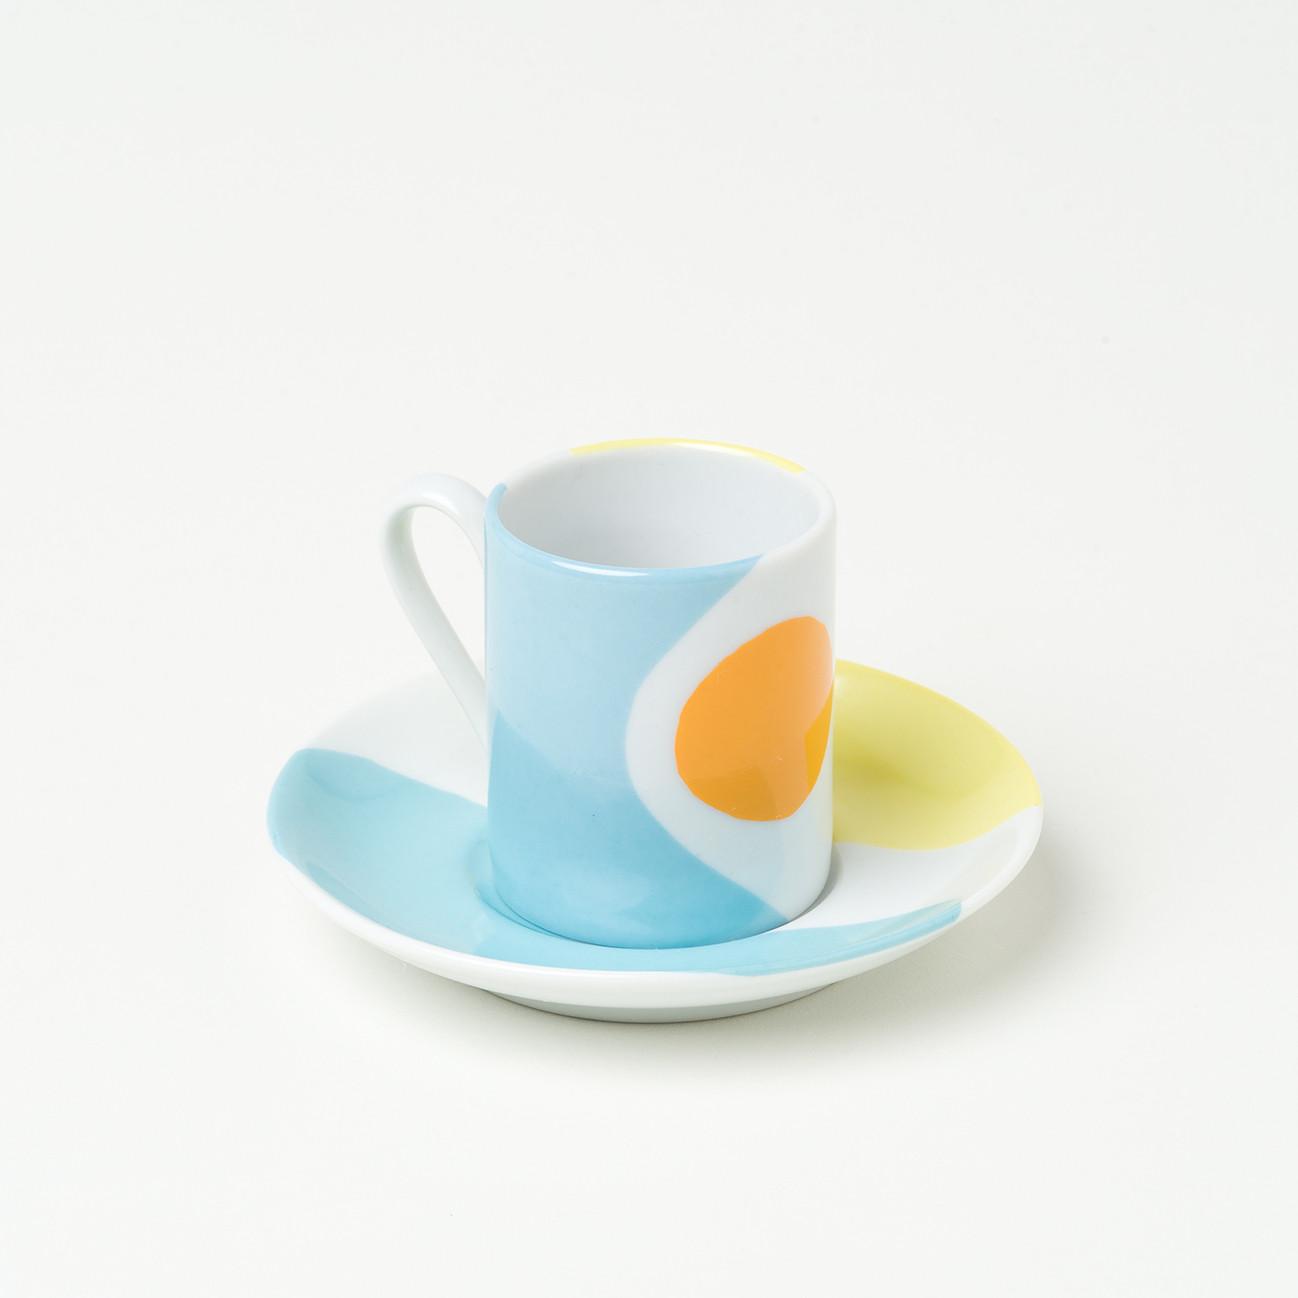 Conjunto de 6 Xícaras em Porcelana - Coleção Cores De Tarsila | Estampa 2